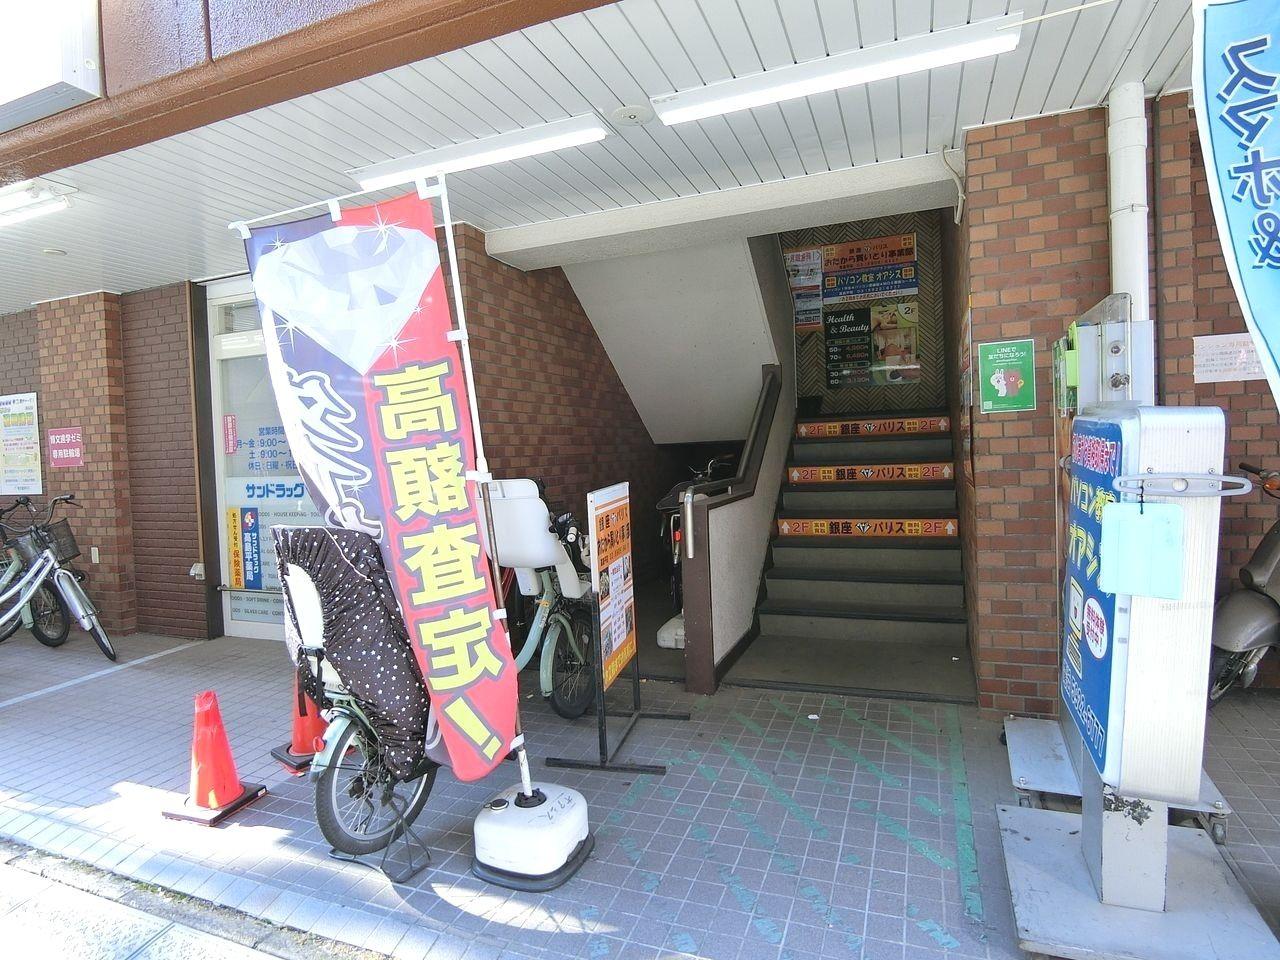 板橋区高島平のコワーキングスペース time spot(タイムスポット)